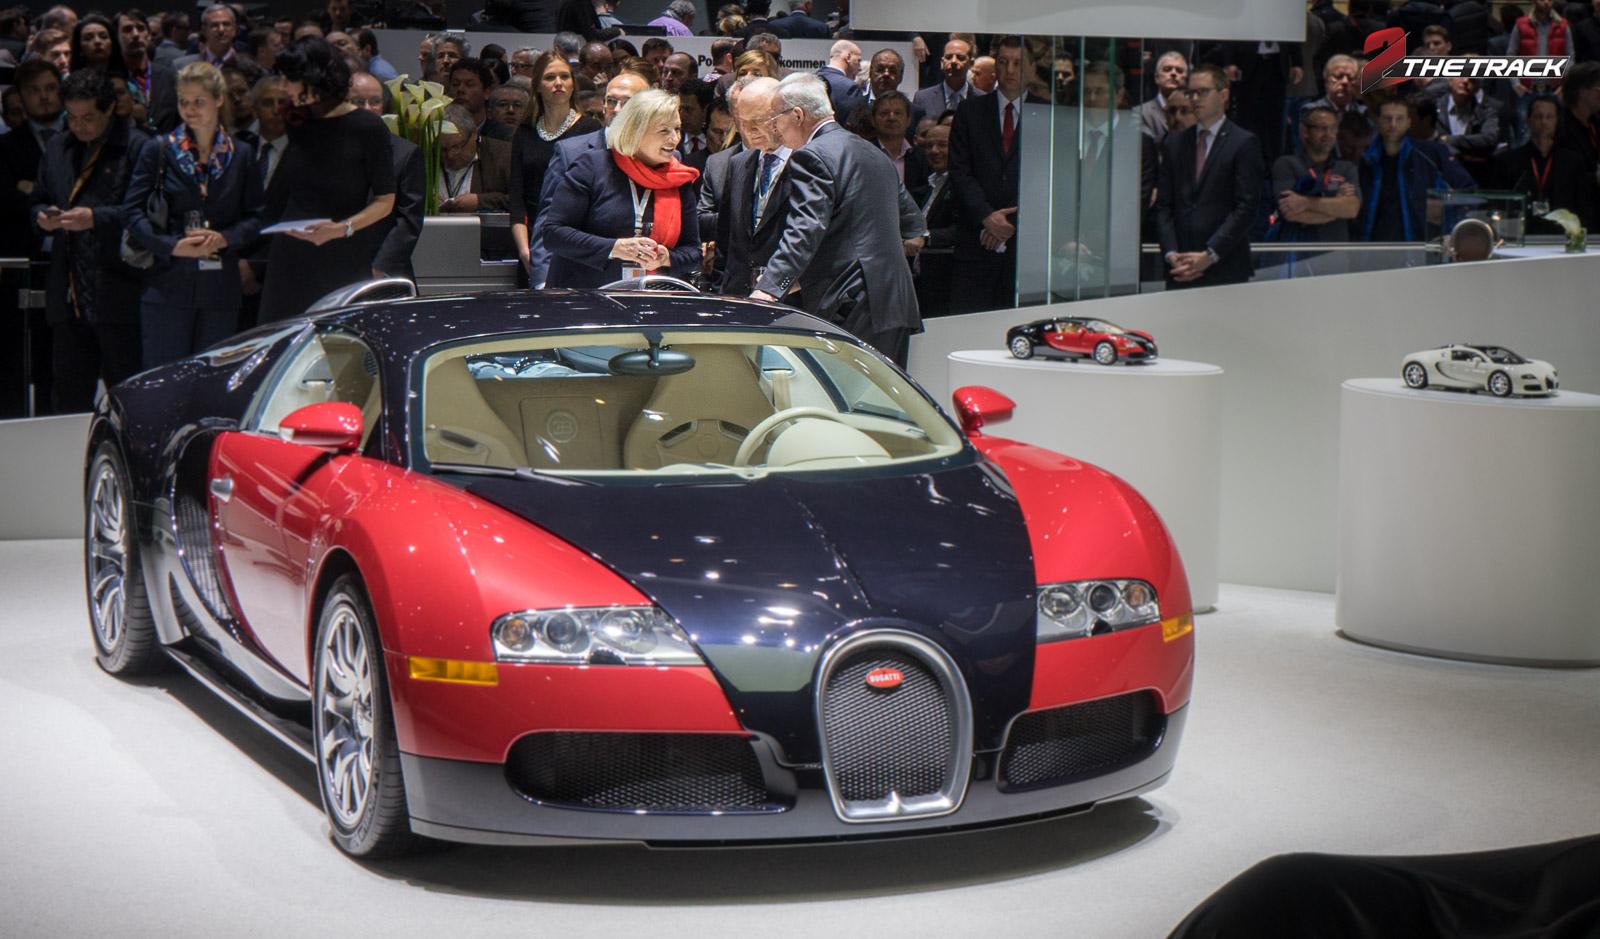 Ferdinand Piëch samen met zijn vrouw Ursula in gesprek met Martin Winterkorn bij de (eerst gebouwde) Bugatti Veyron op de Autosalon Genève 2015.